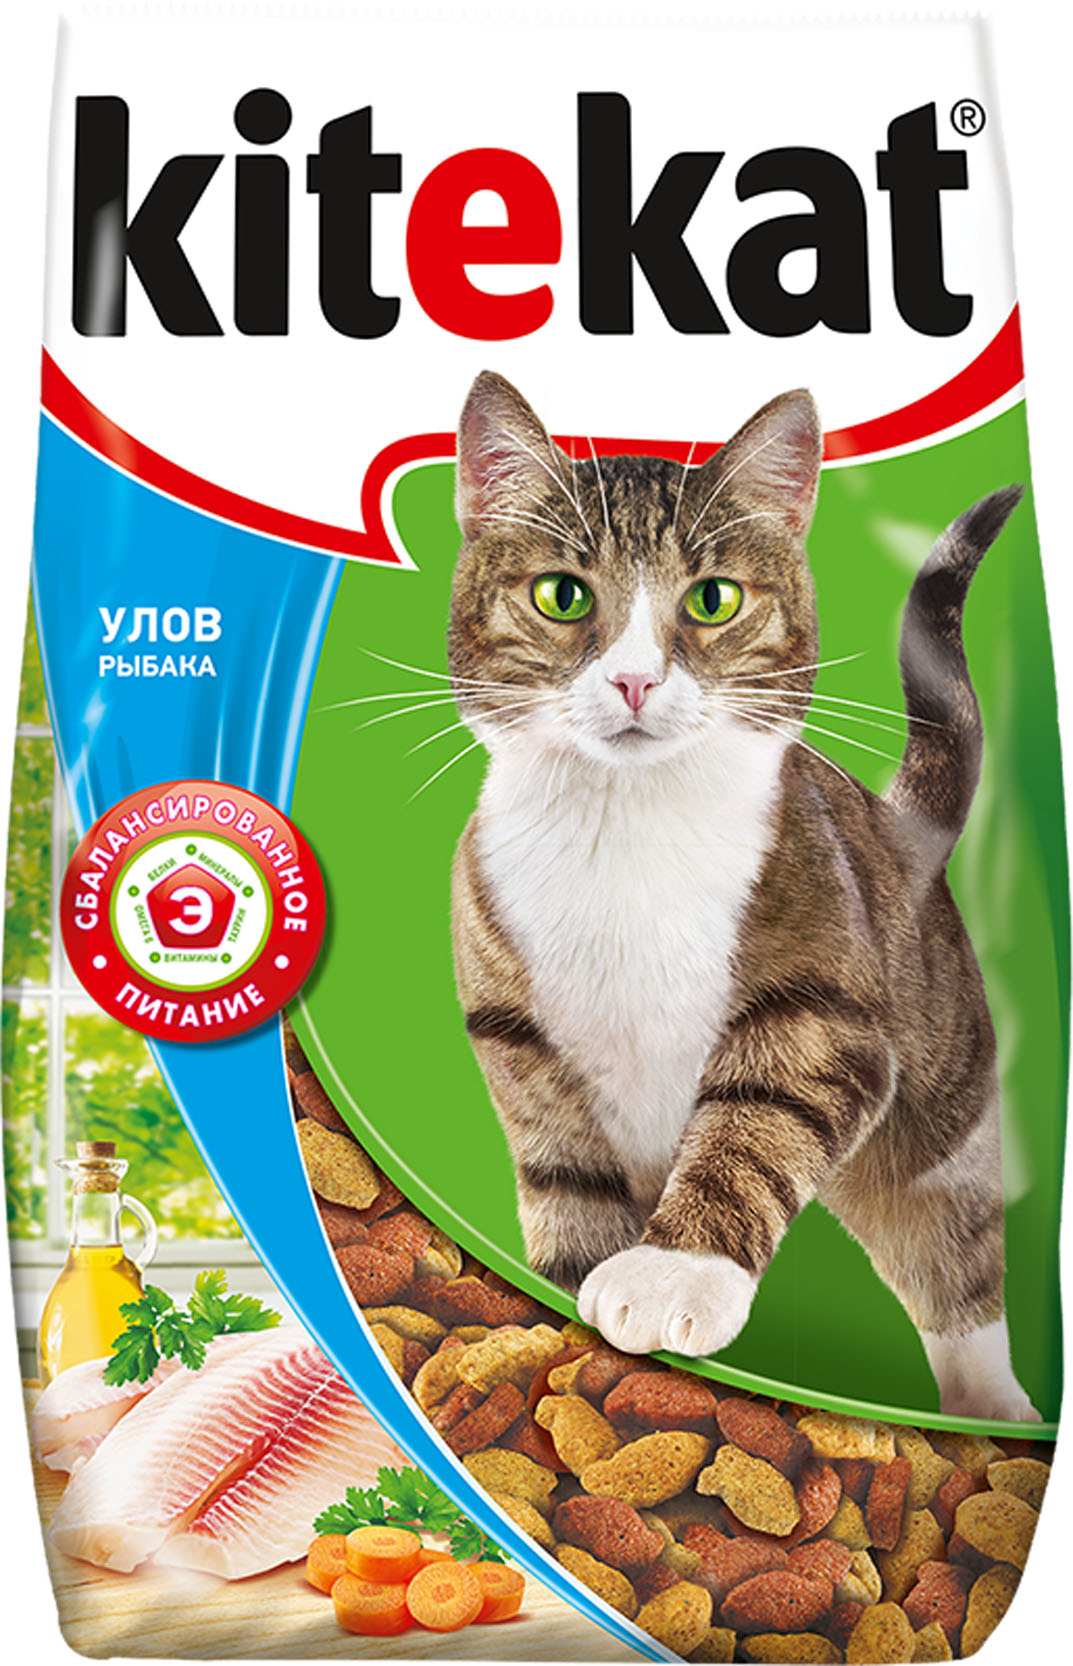 Корм сухой для кошек Kitekat, улов рыбака, 800 г0120710Сухой корм Kitekat - это специально разработанная еда для кошек с оптимально сбалансированным содержанием белков, витаминов и микроэлементов. Уникальная формула Kitekat включает в себя все необходимые для здоровья компоненты: - белки - для поддержания мышечного тонуса, силы и энергии; - жирные кислоты - для здоровой кожи и блестящей шерсти; - кальций, фосфор, витамин D - для крепости костей и зубов; - таурин - для остроты зрения и стабильной работы сердца; - витамины и минералы, натуральные волокна - для хорошего пищеварения, правильного обмена веществ, укрепления здоровья. Корм Kitekat идеально подходит для вашего любимца как надежный источник жизненных сил. Товар сертифицирован.